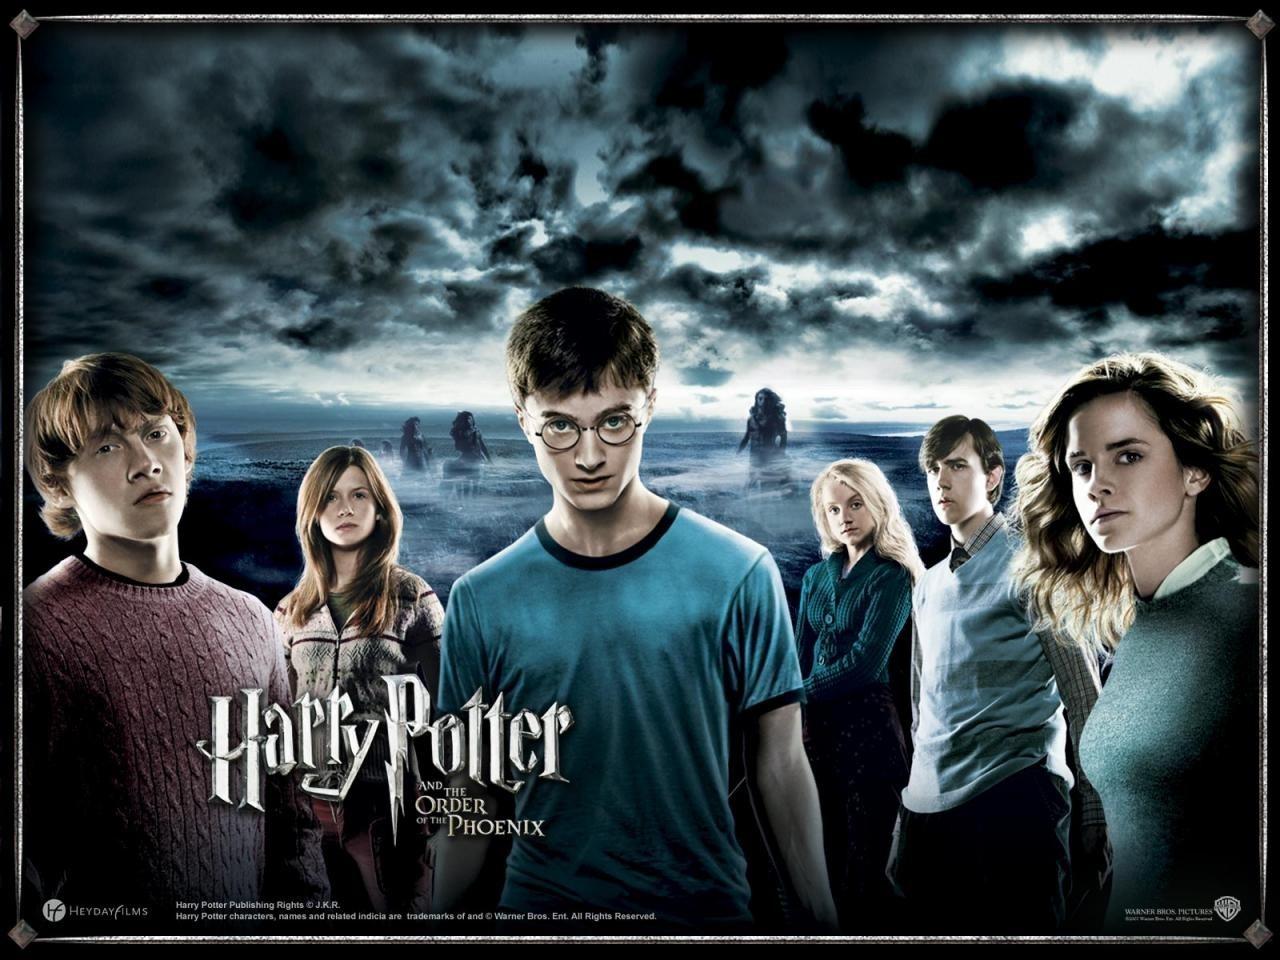 Życie po Harrym Potterze